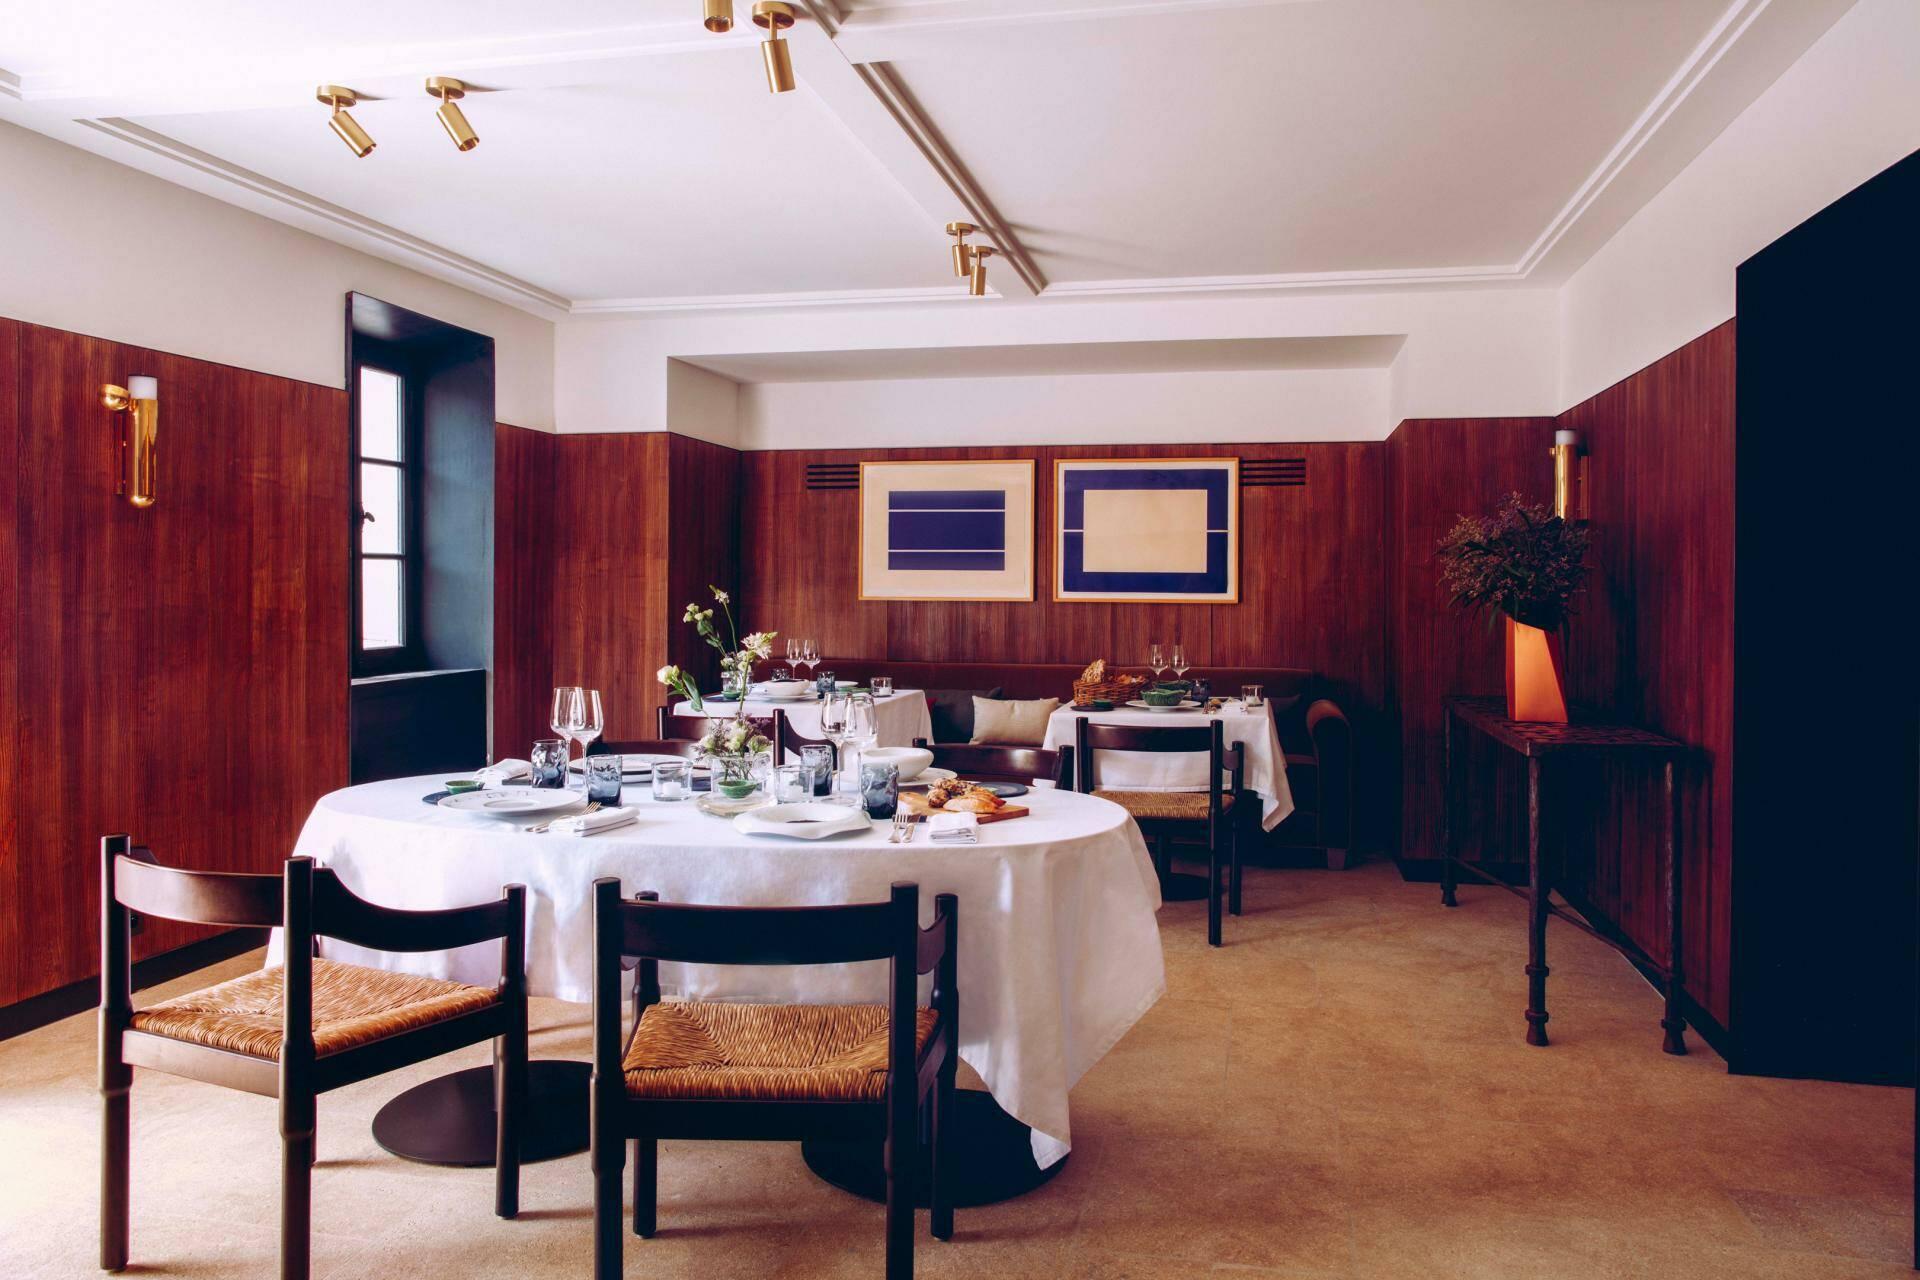 Hotel crillon le brave restaurant interieur Provence Maisons Pariente